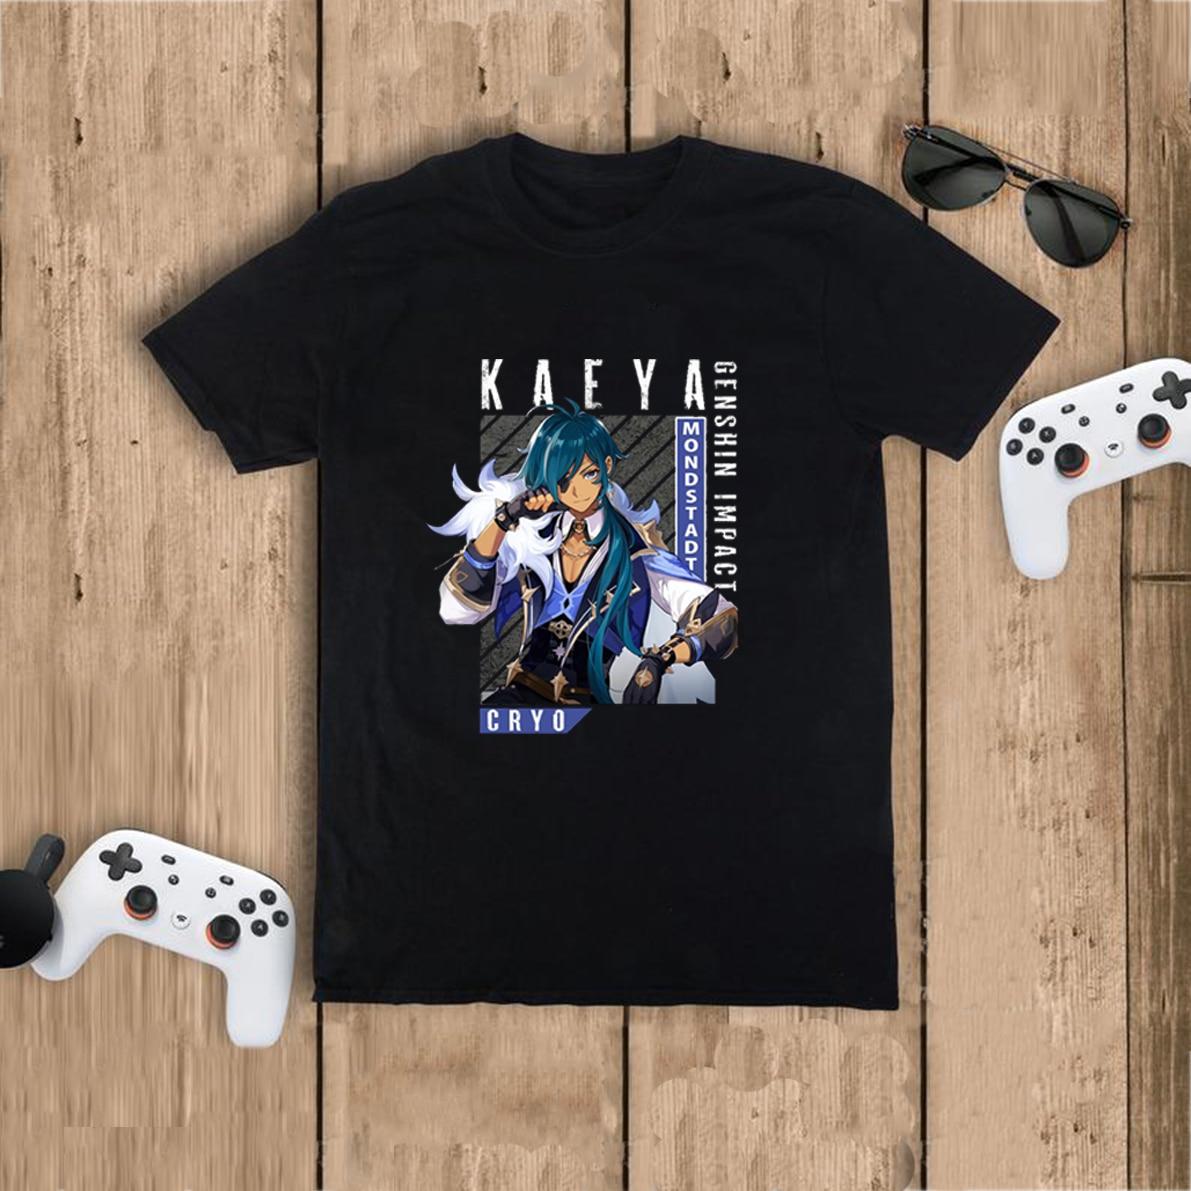 Новые футболки с графическим принтом игры Genshin, женские футболки в японском стиле, повседневные футболки в стиле Харадзюку с рисунком